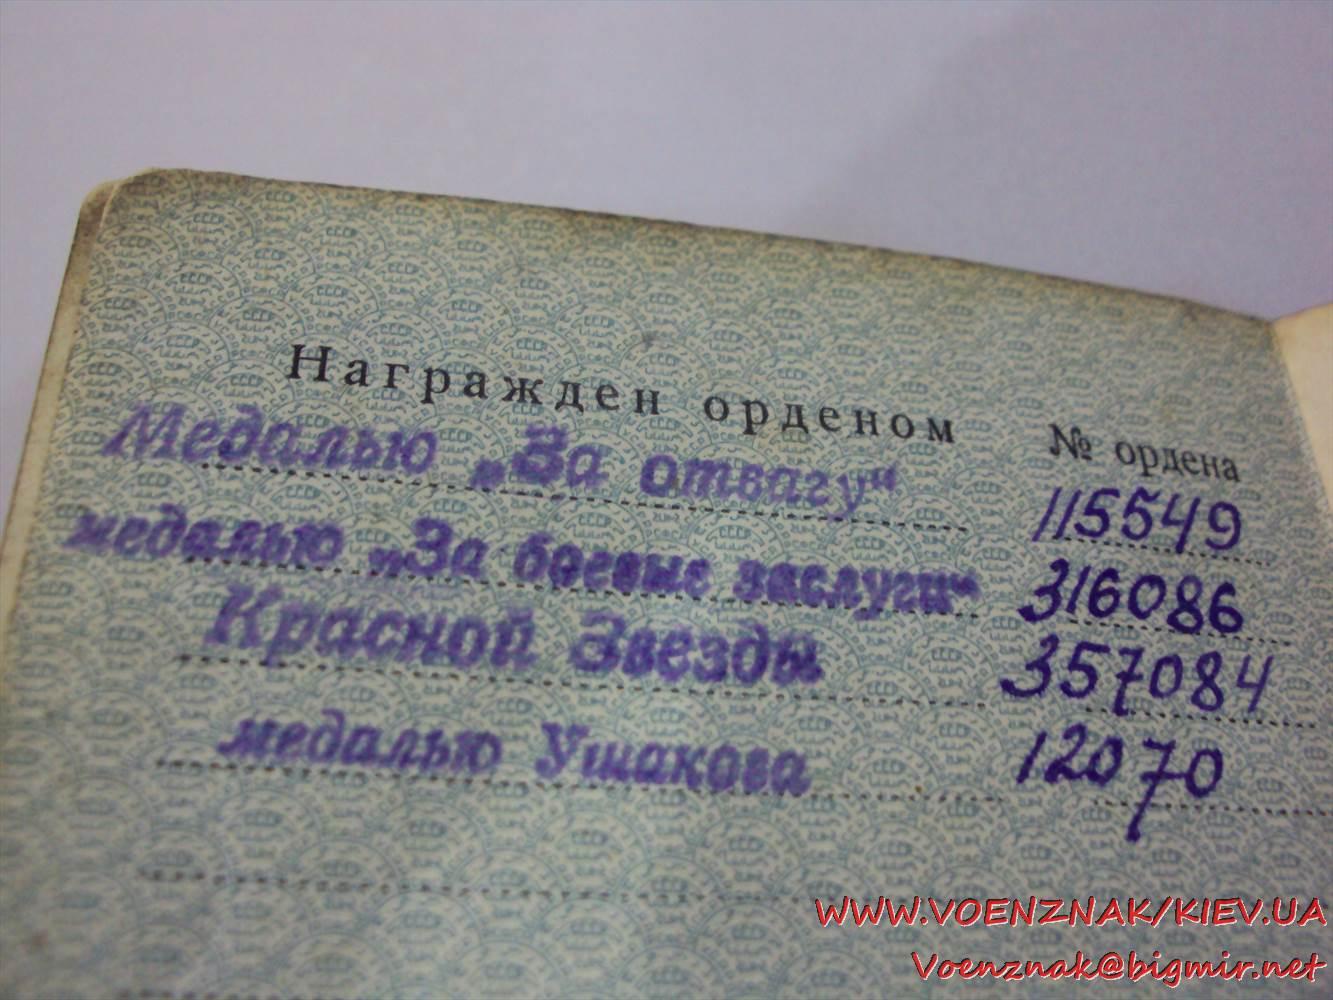 Медалью ушакова медаль бз № 316086